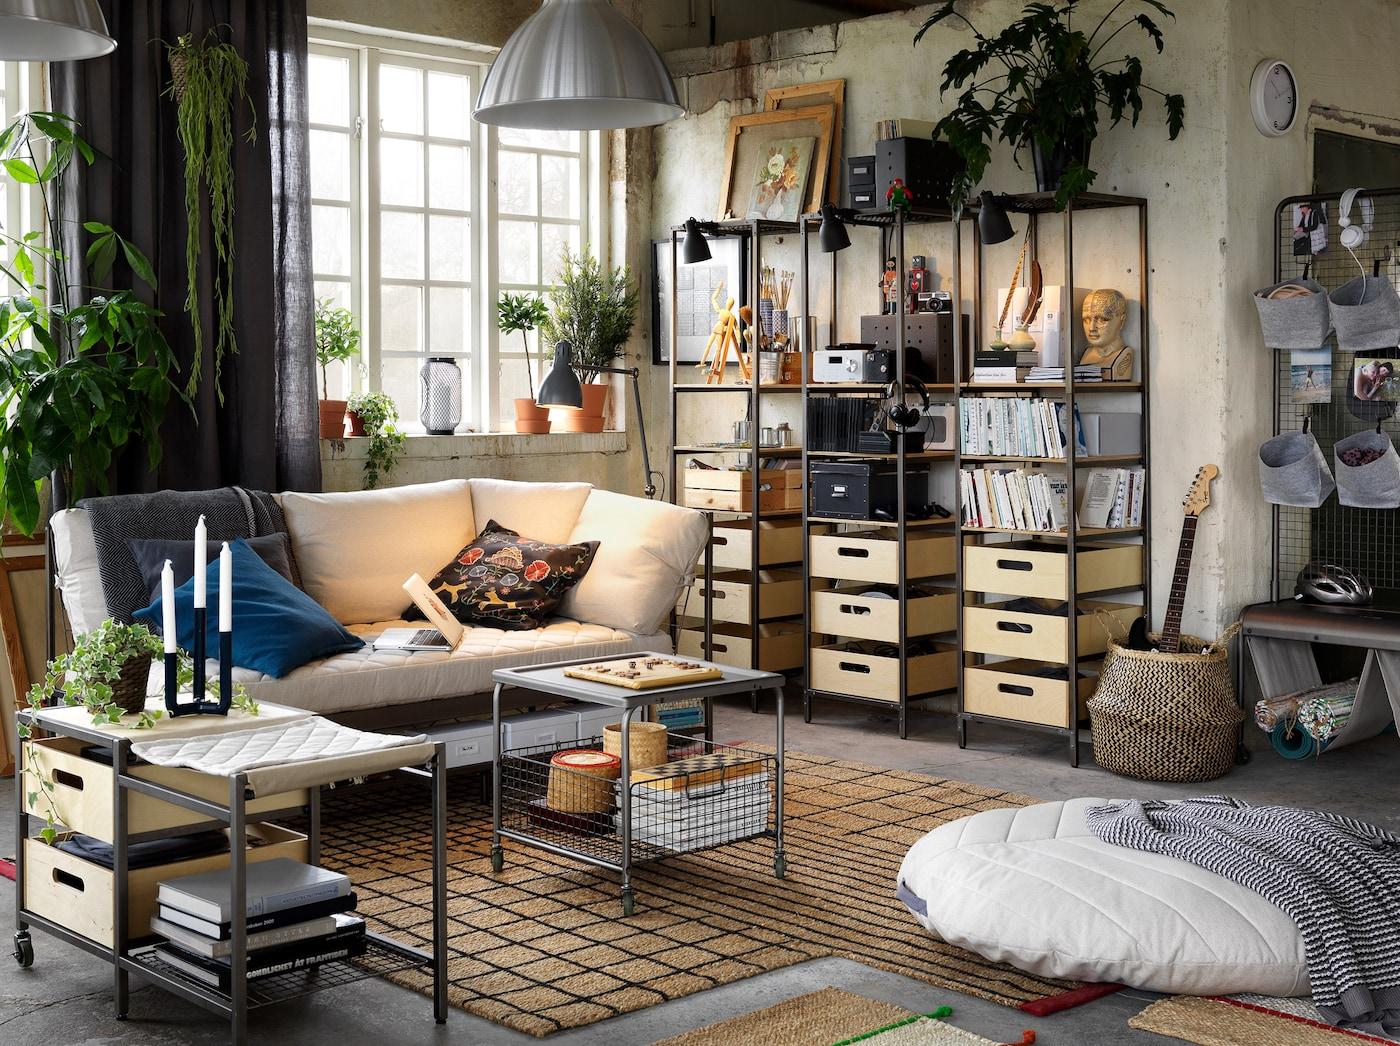 AuBergewohnlich Flexible Möbel, Die Sich An Deinen Lifestyle Anpassen